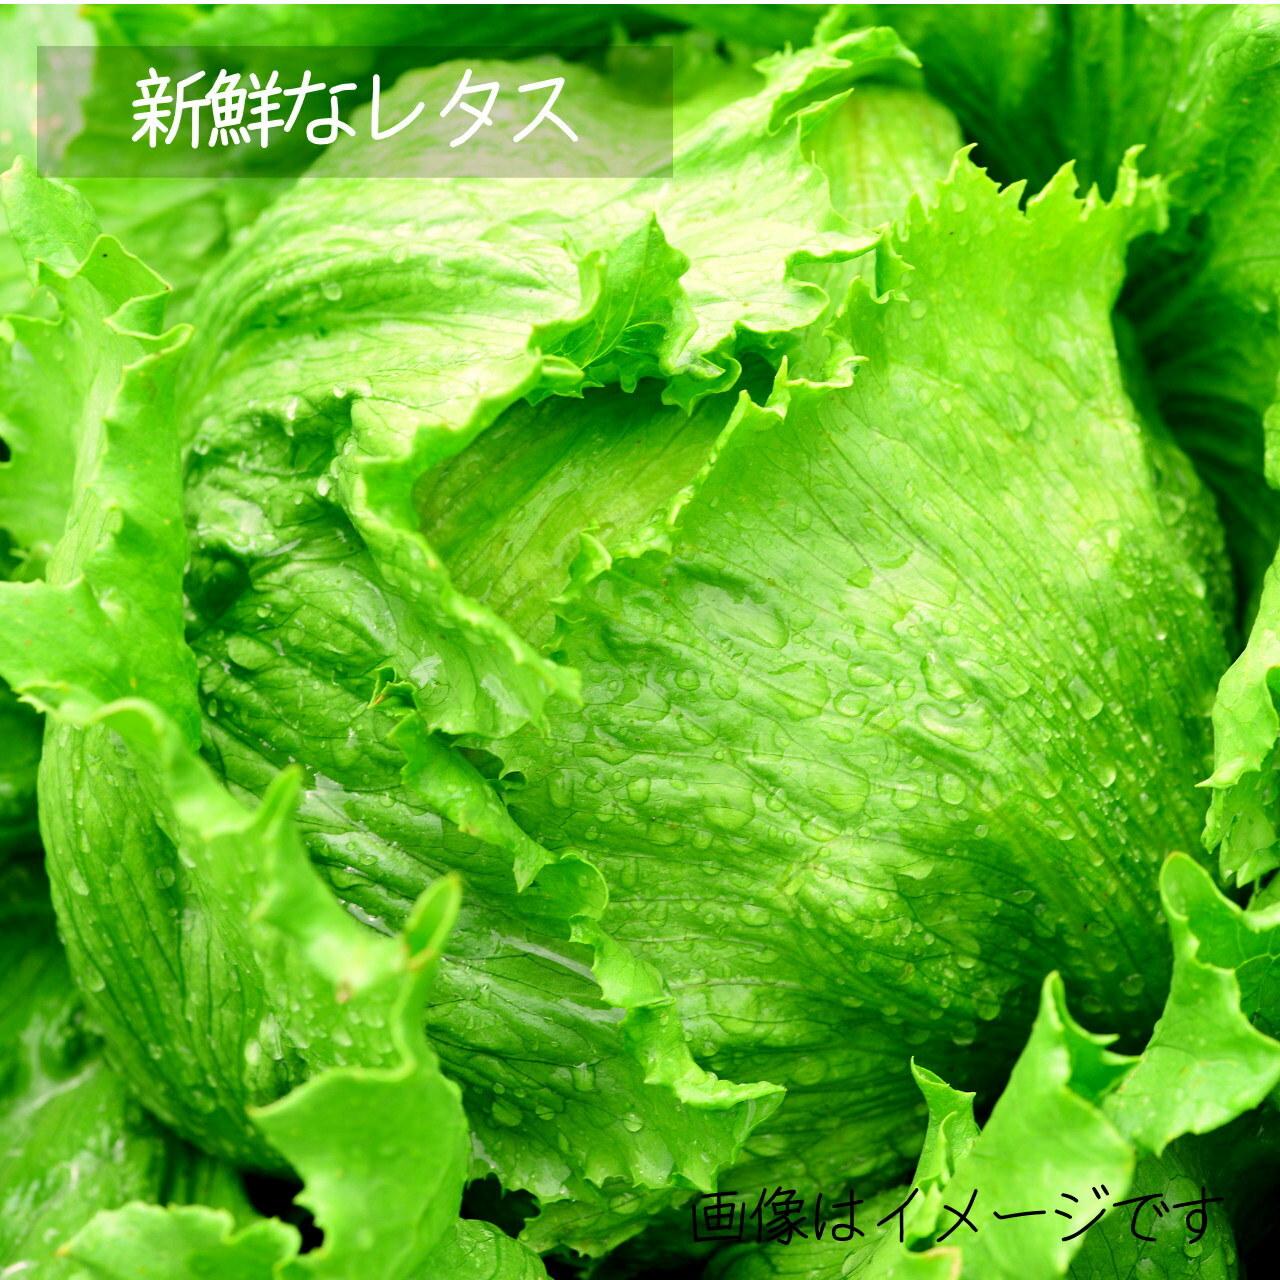 6月朝採り直売野菜 : レタス 1個 春の新鮮野菜 6月6日発送予定